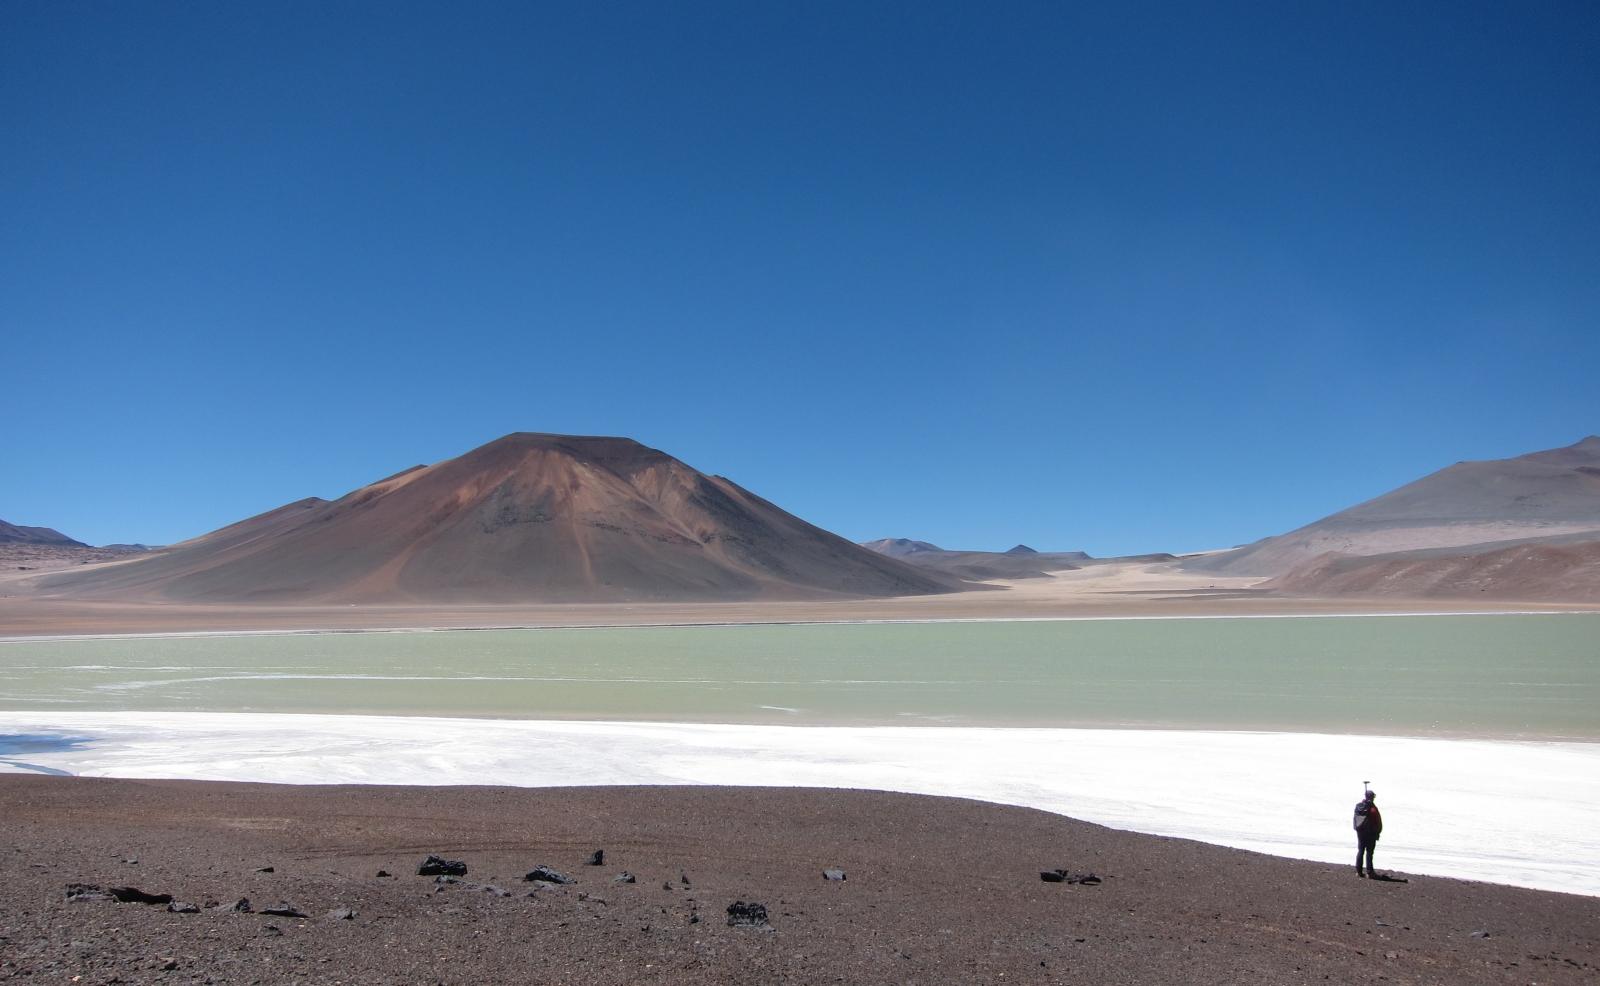 Altiplano-Puna plateau